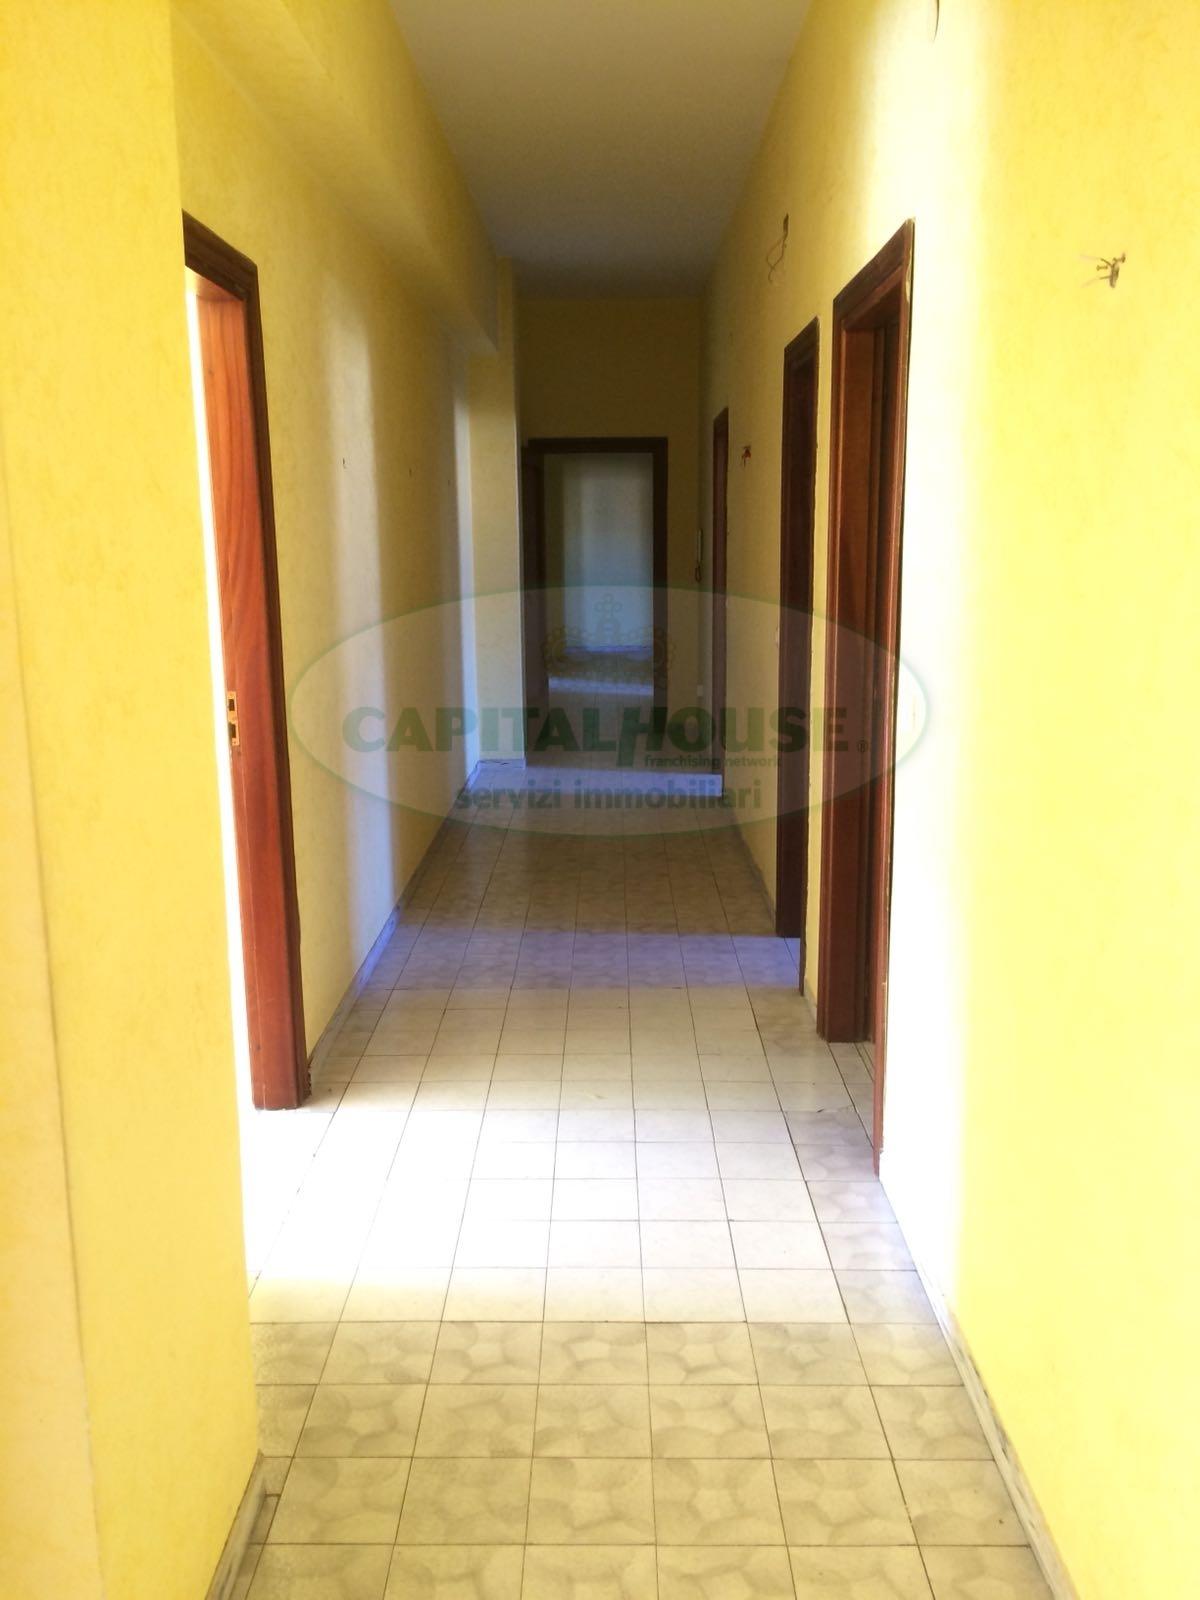 Appartamento AVELLINO vendita    Rivirex S.r.l.